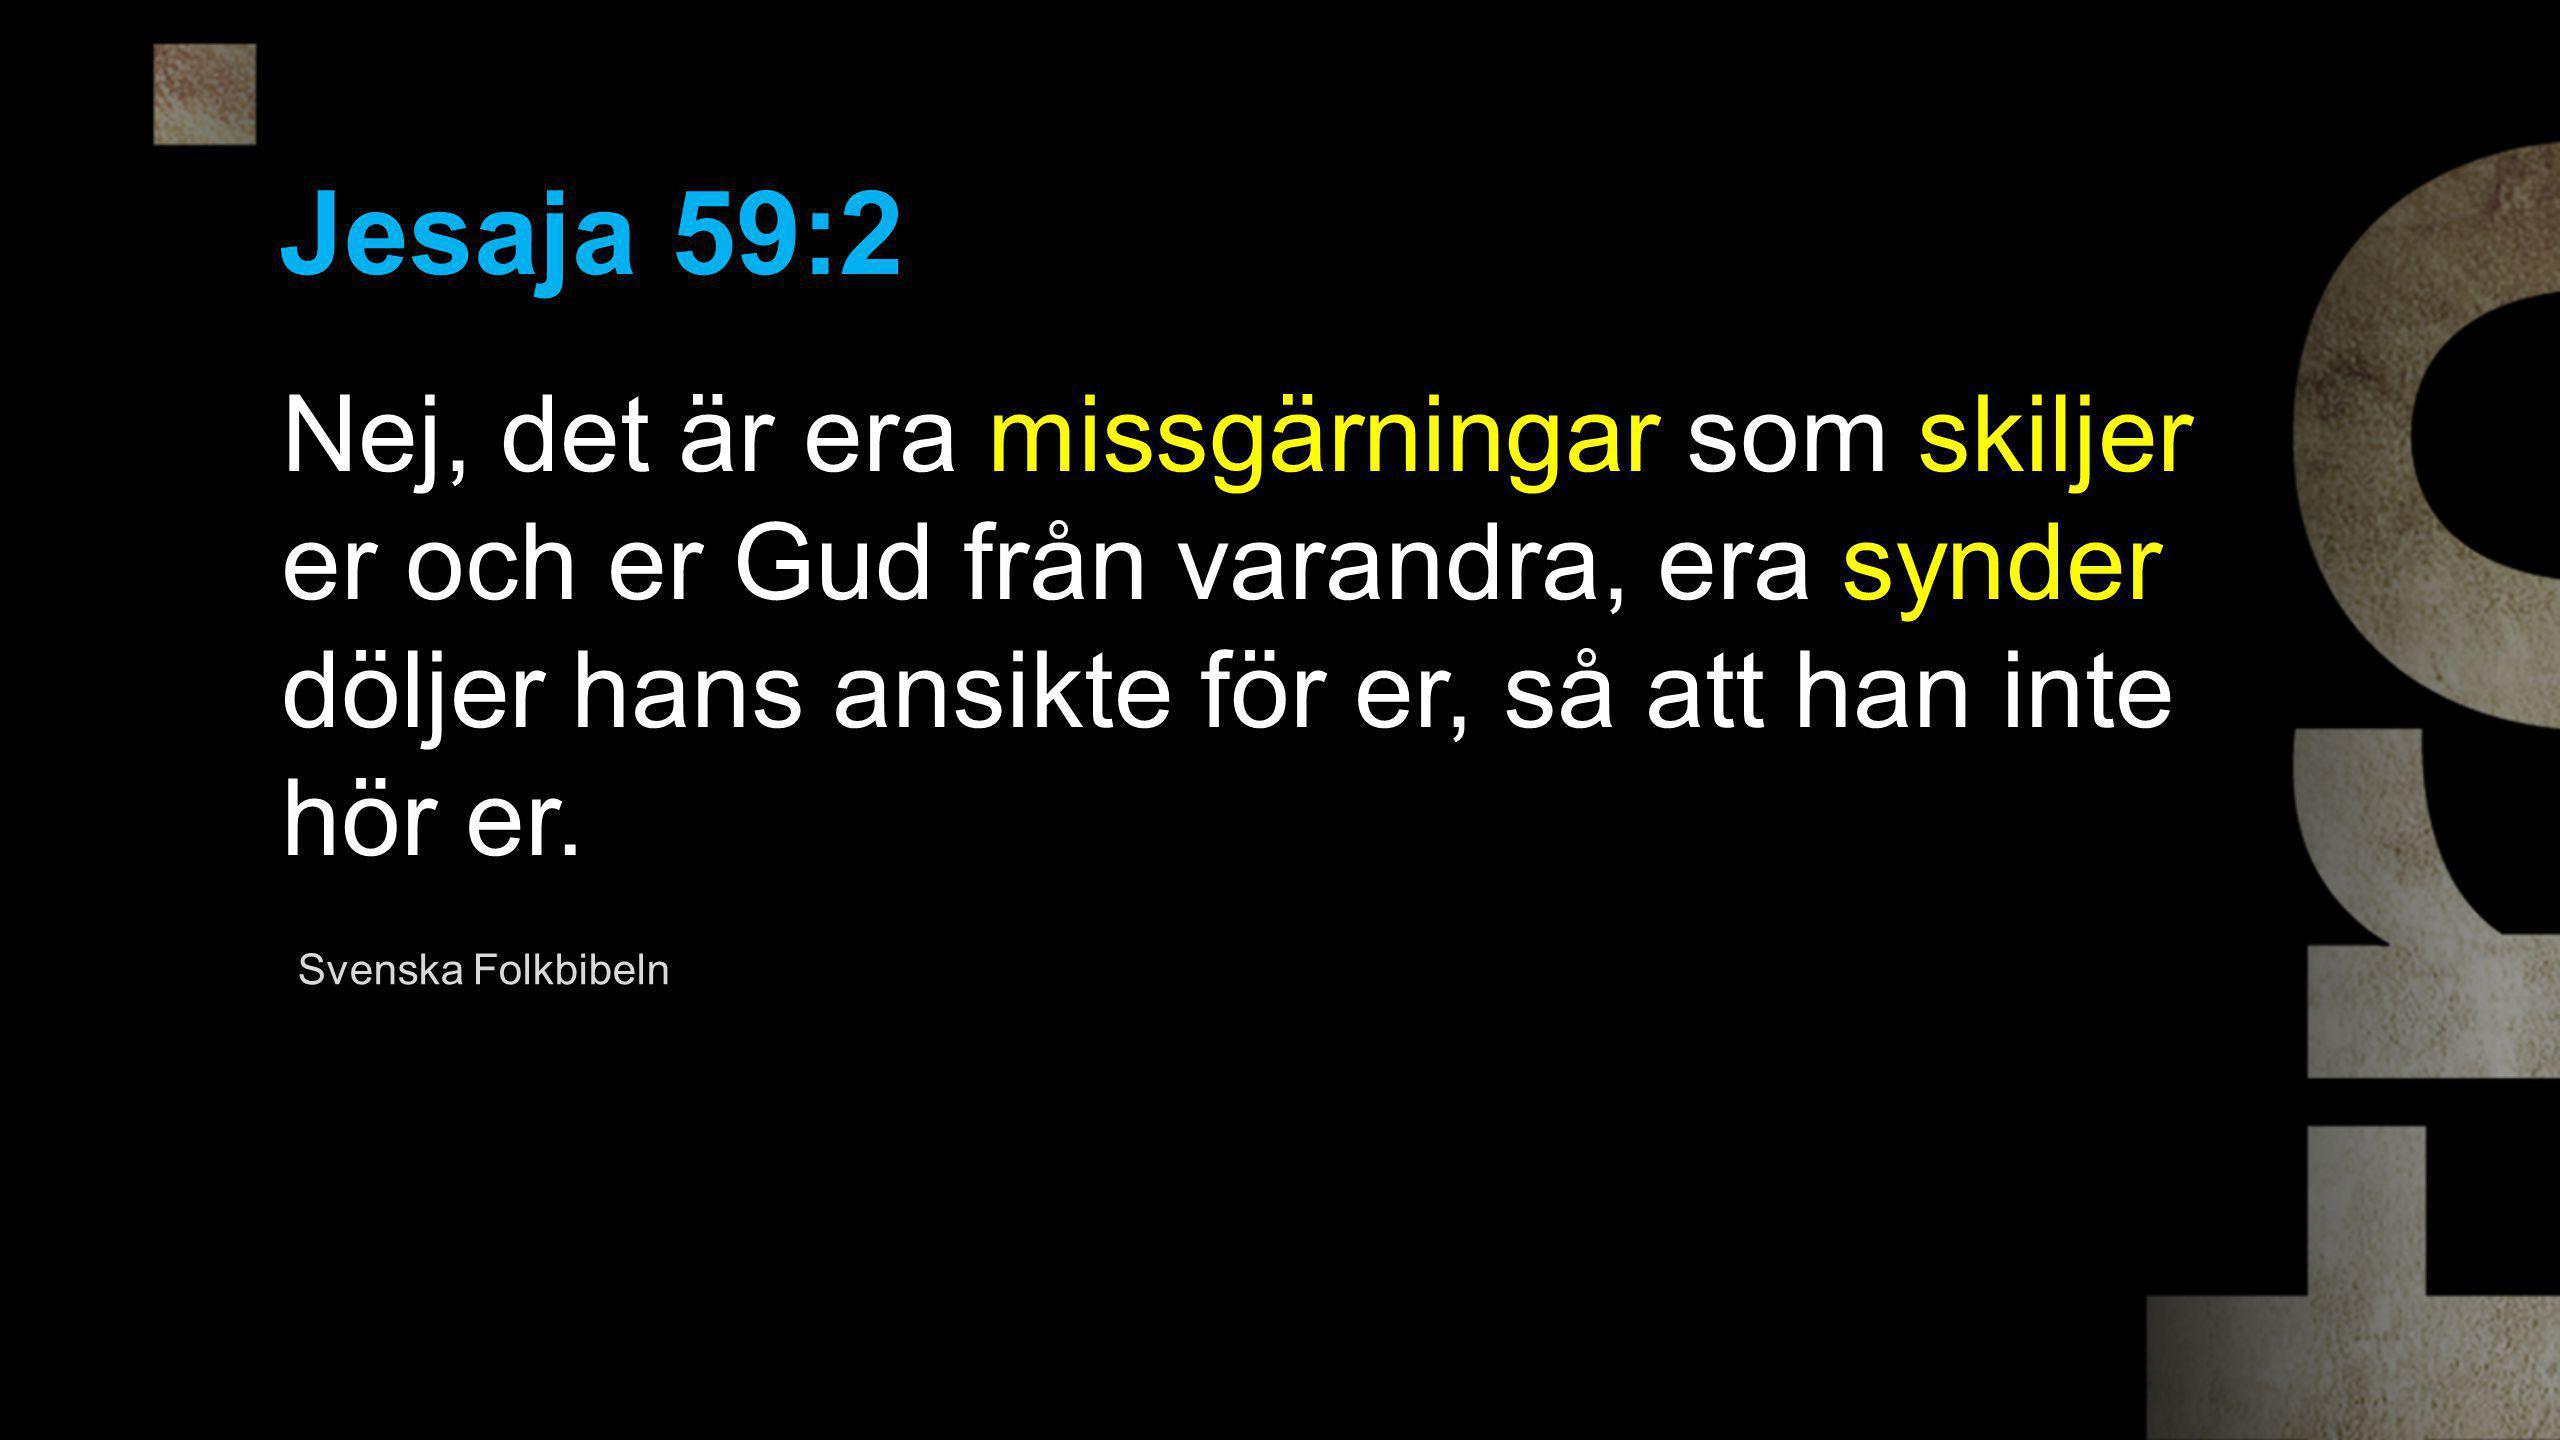 Jesaja 59:2 Nej, det är era missgärningar som skiljer er och er Gud från varandra, era synder döljer hans ansikte för er, så att han inte hör er.